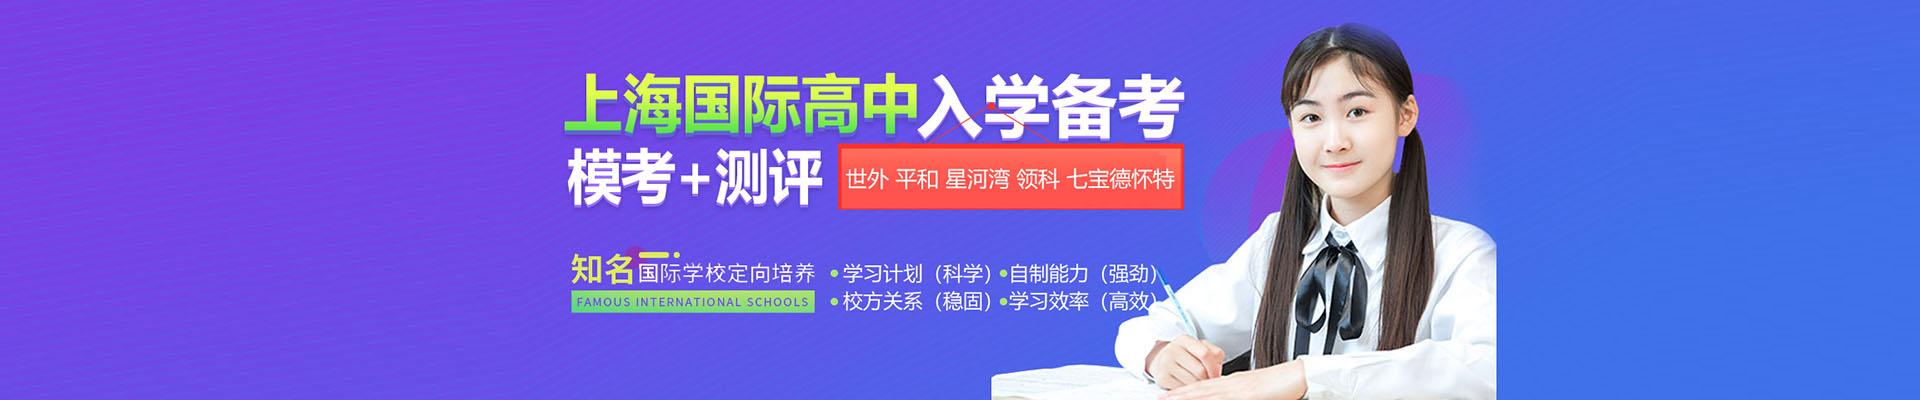 上海国际高中入学备考模考+测评